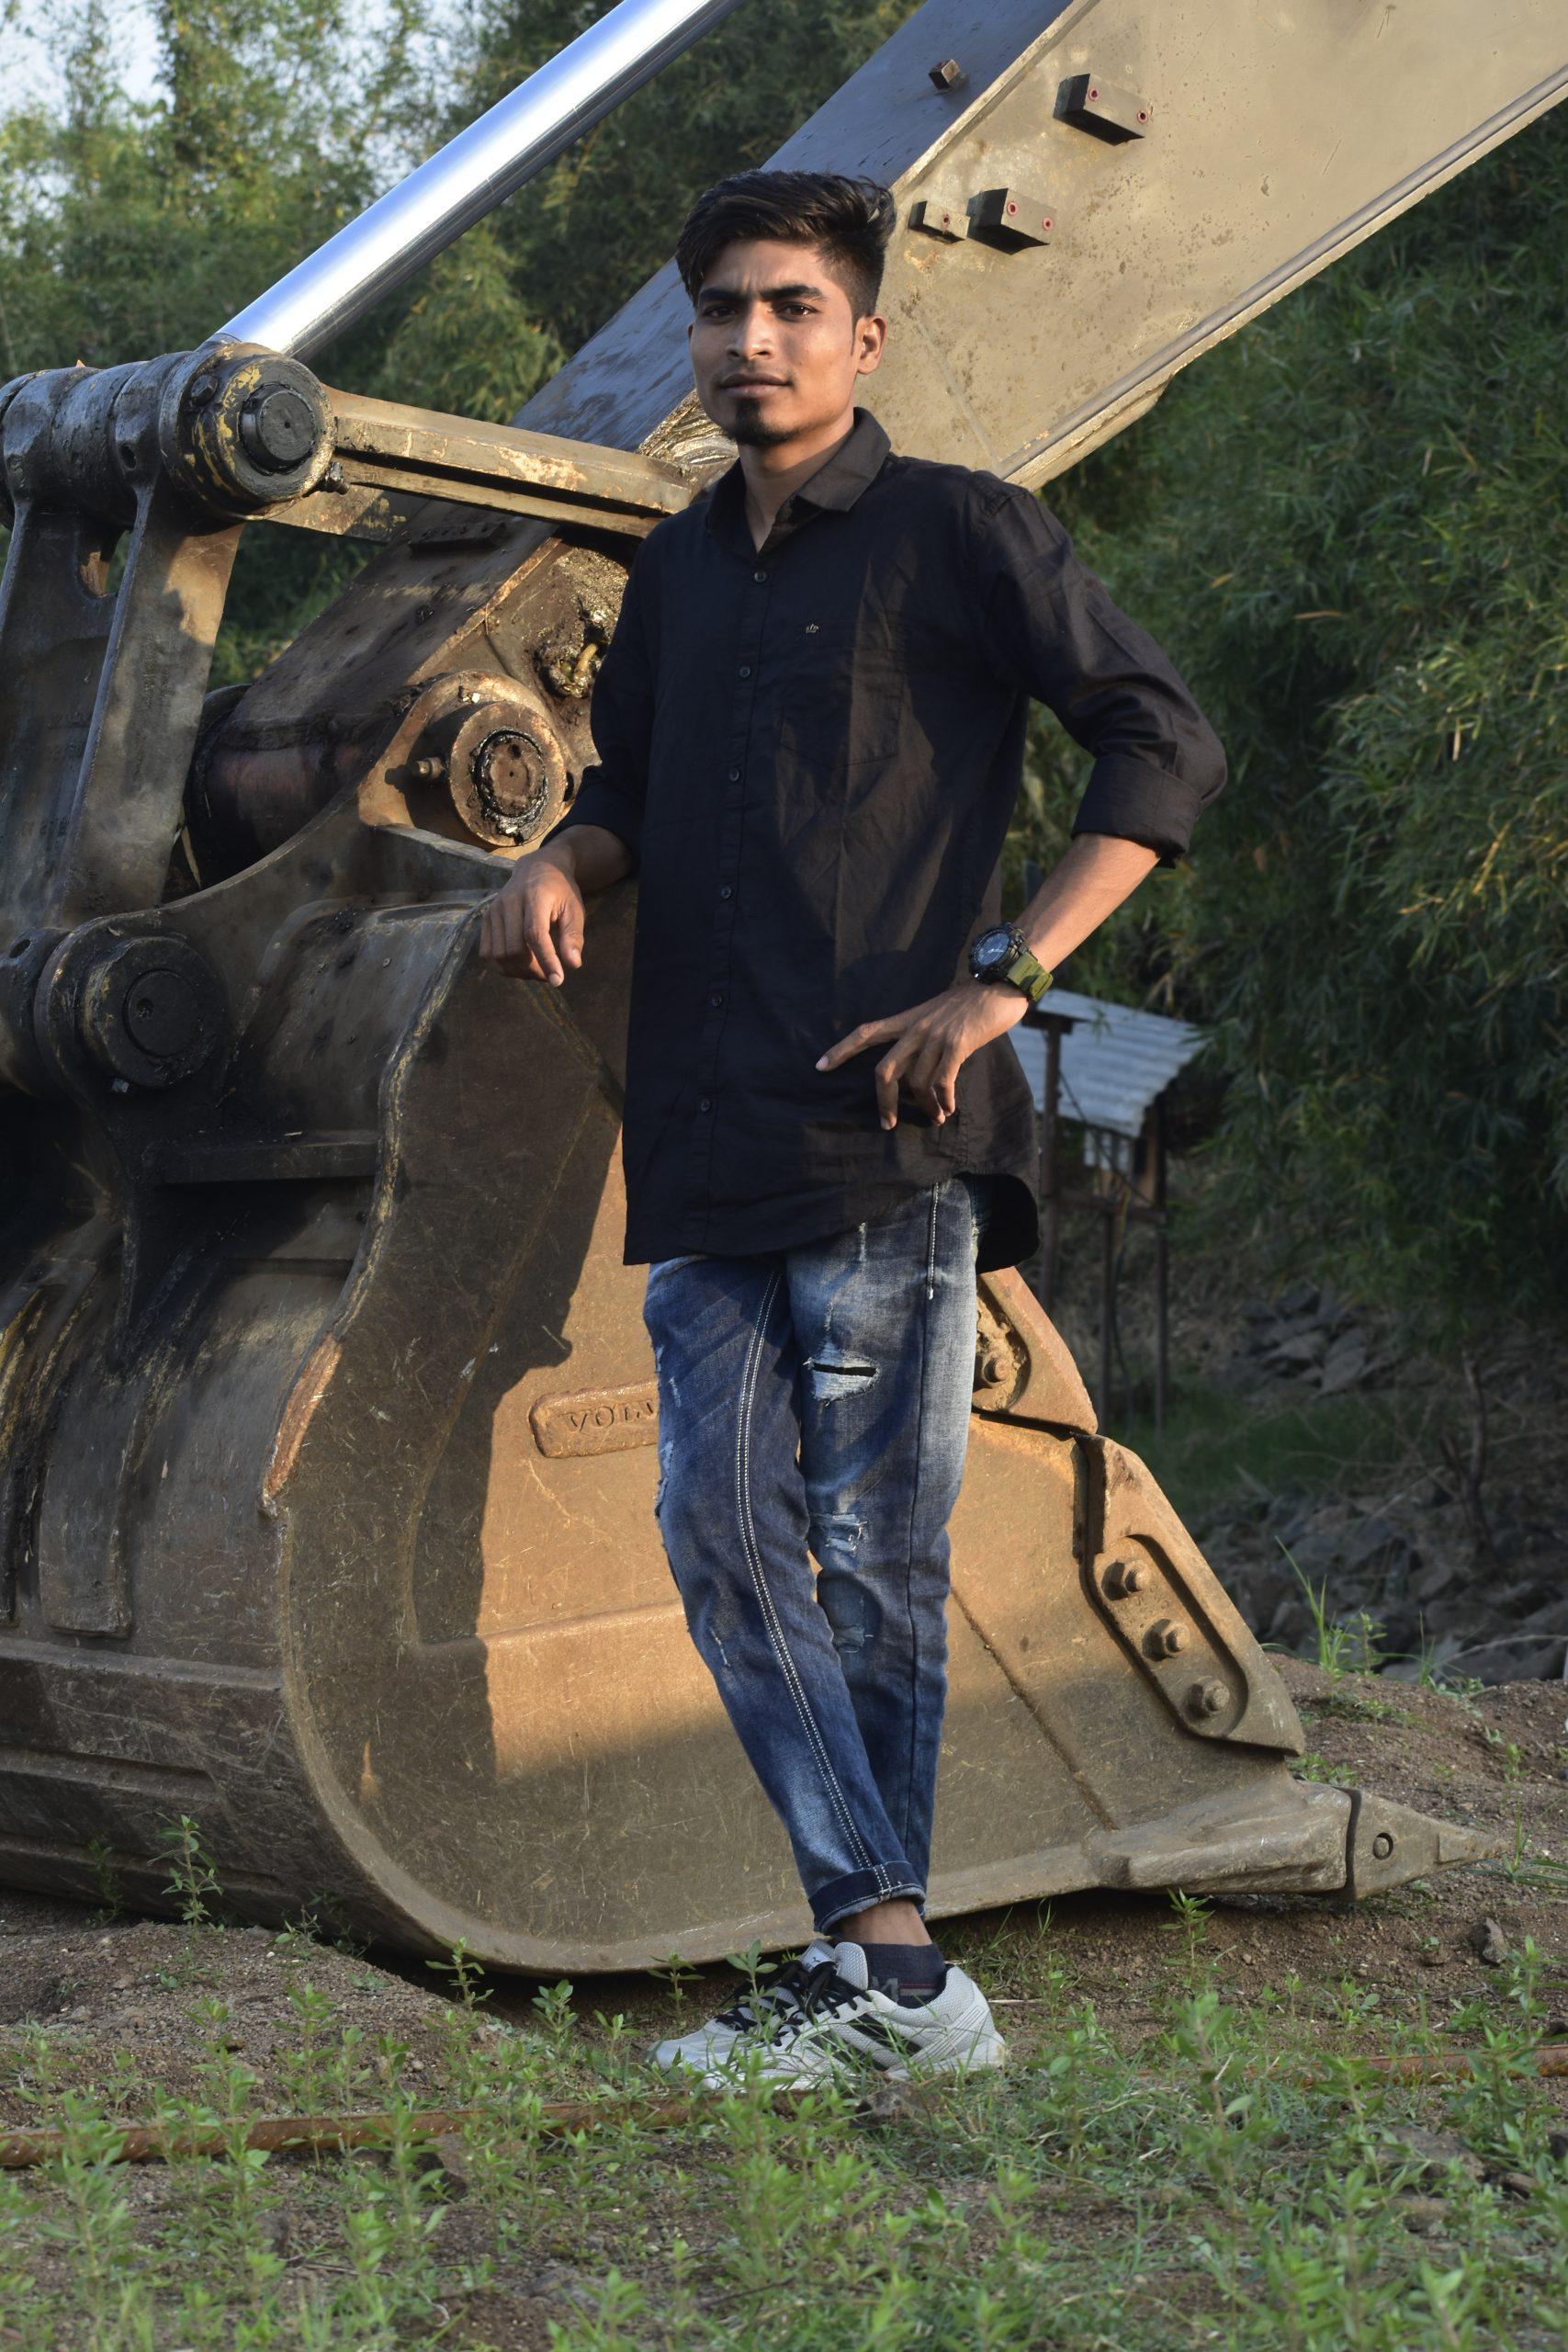 Boy posing in front of JCB